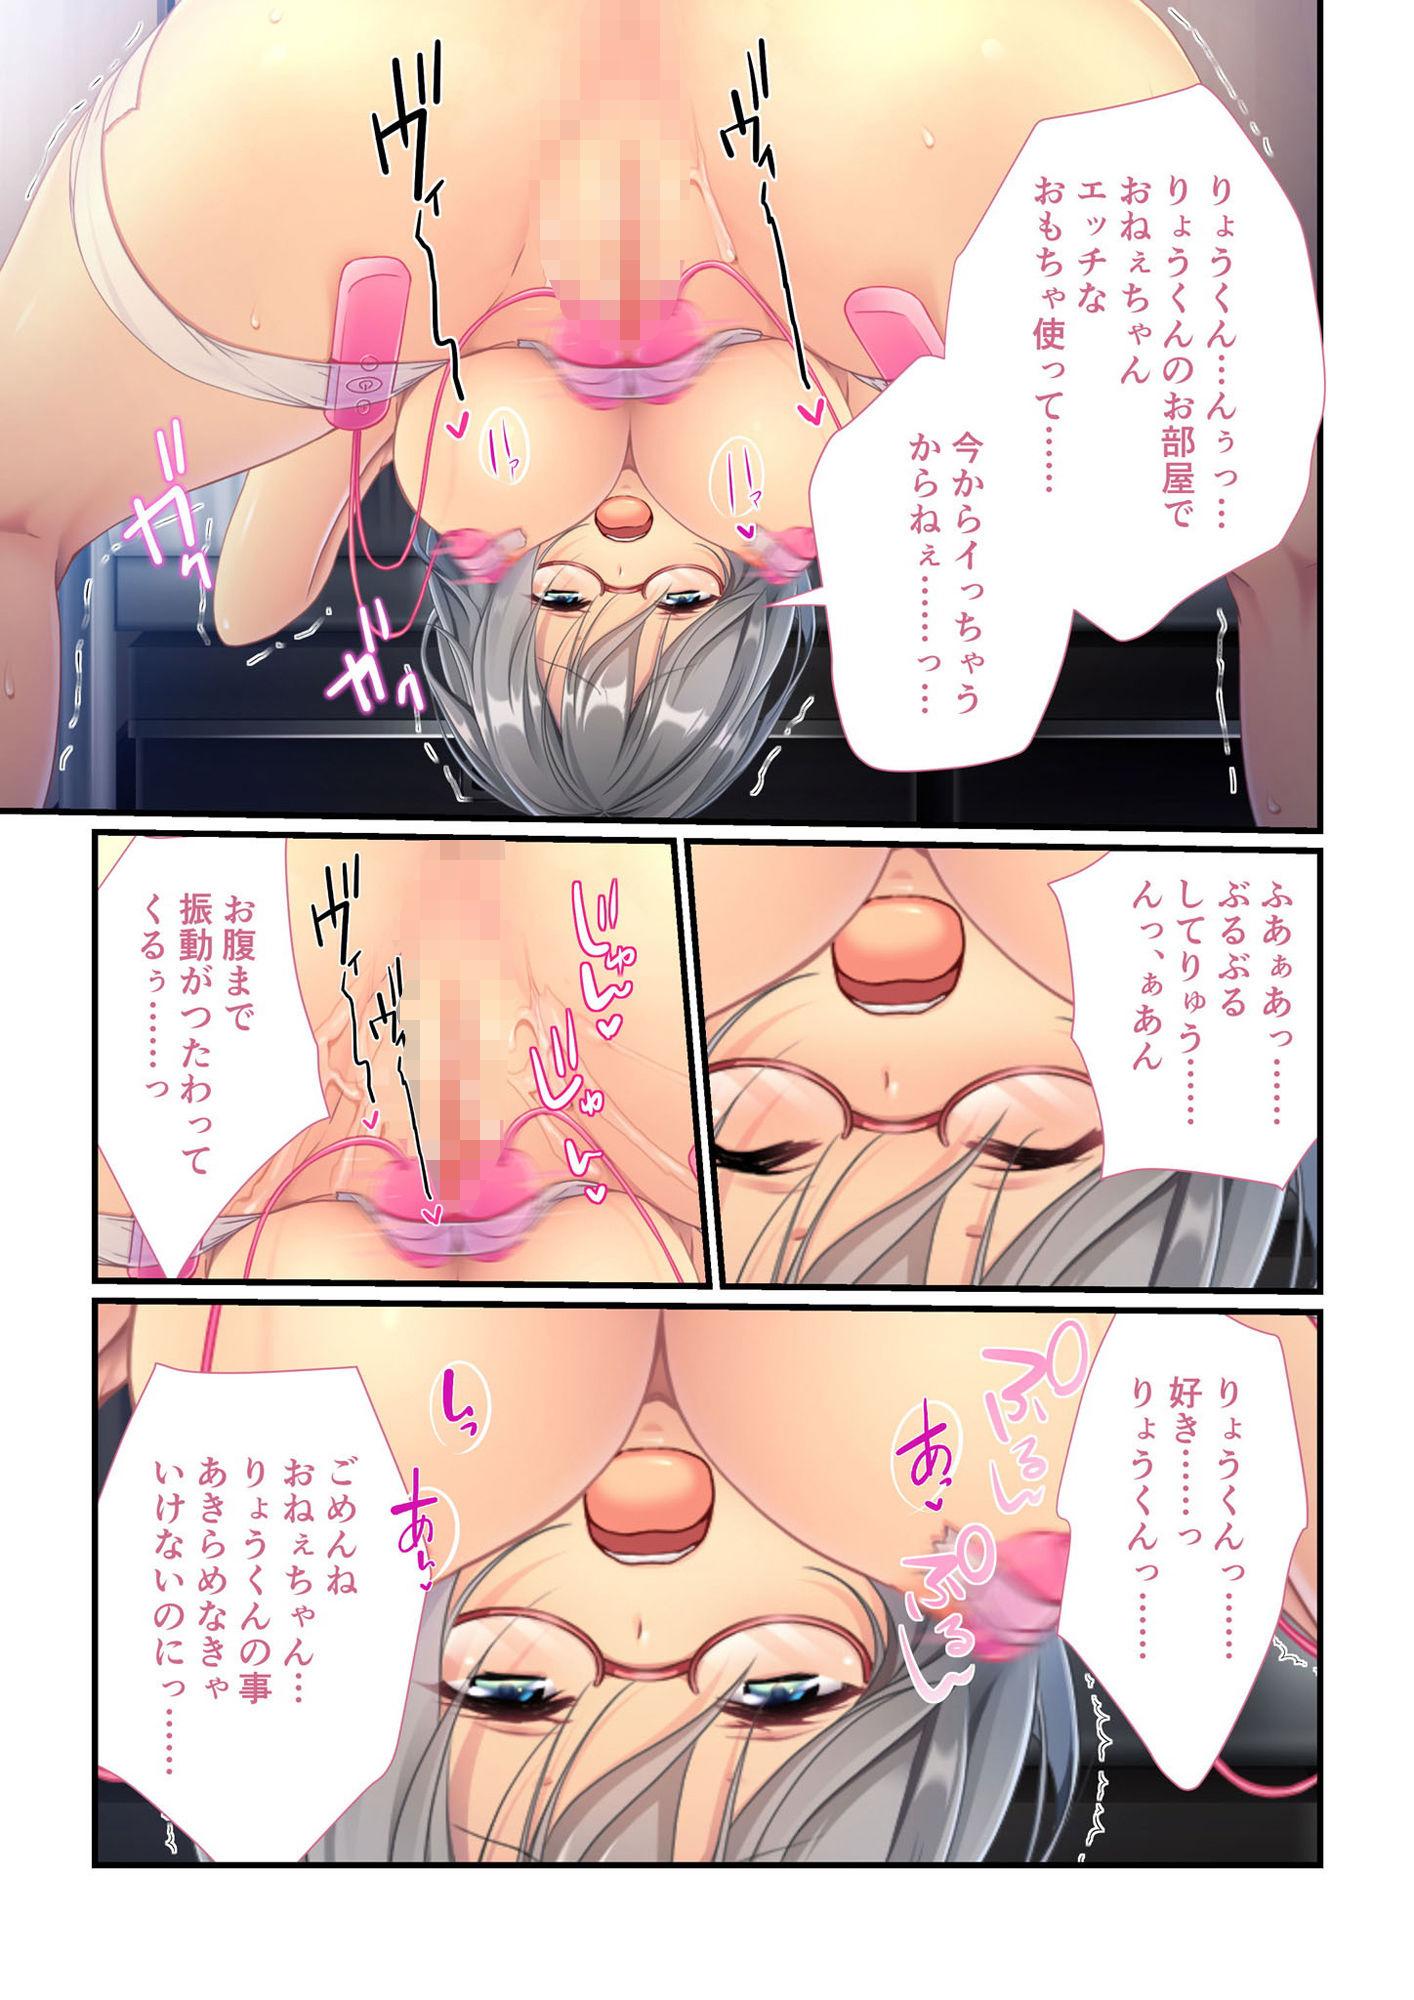 クーデレ姉ちゃんは俺で毎日ヌいてるらしいです。 モザイクコミック総集編